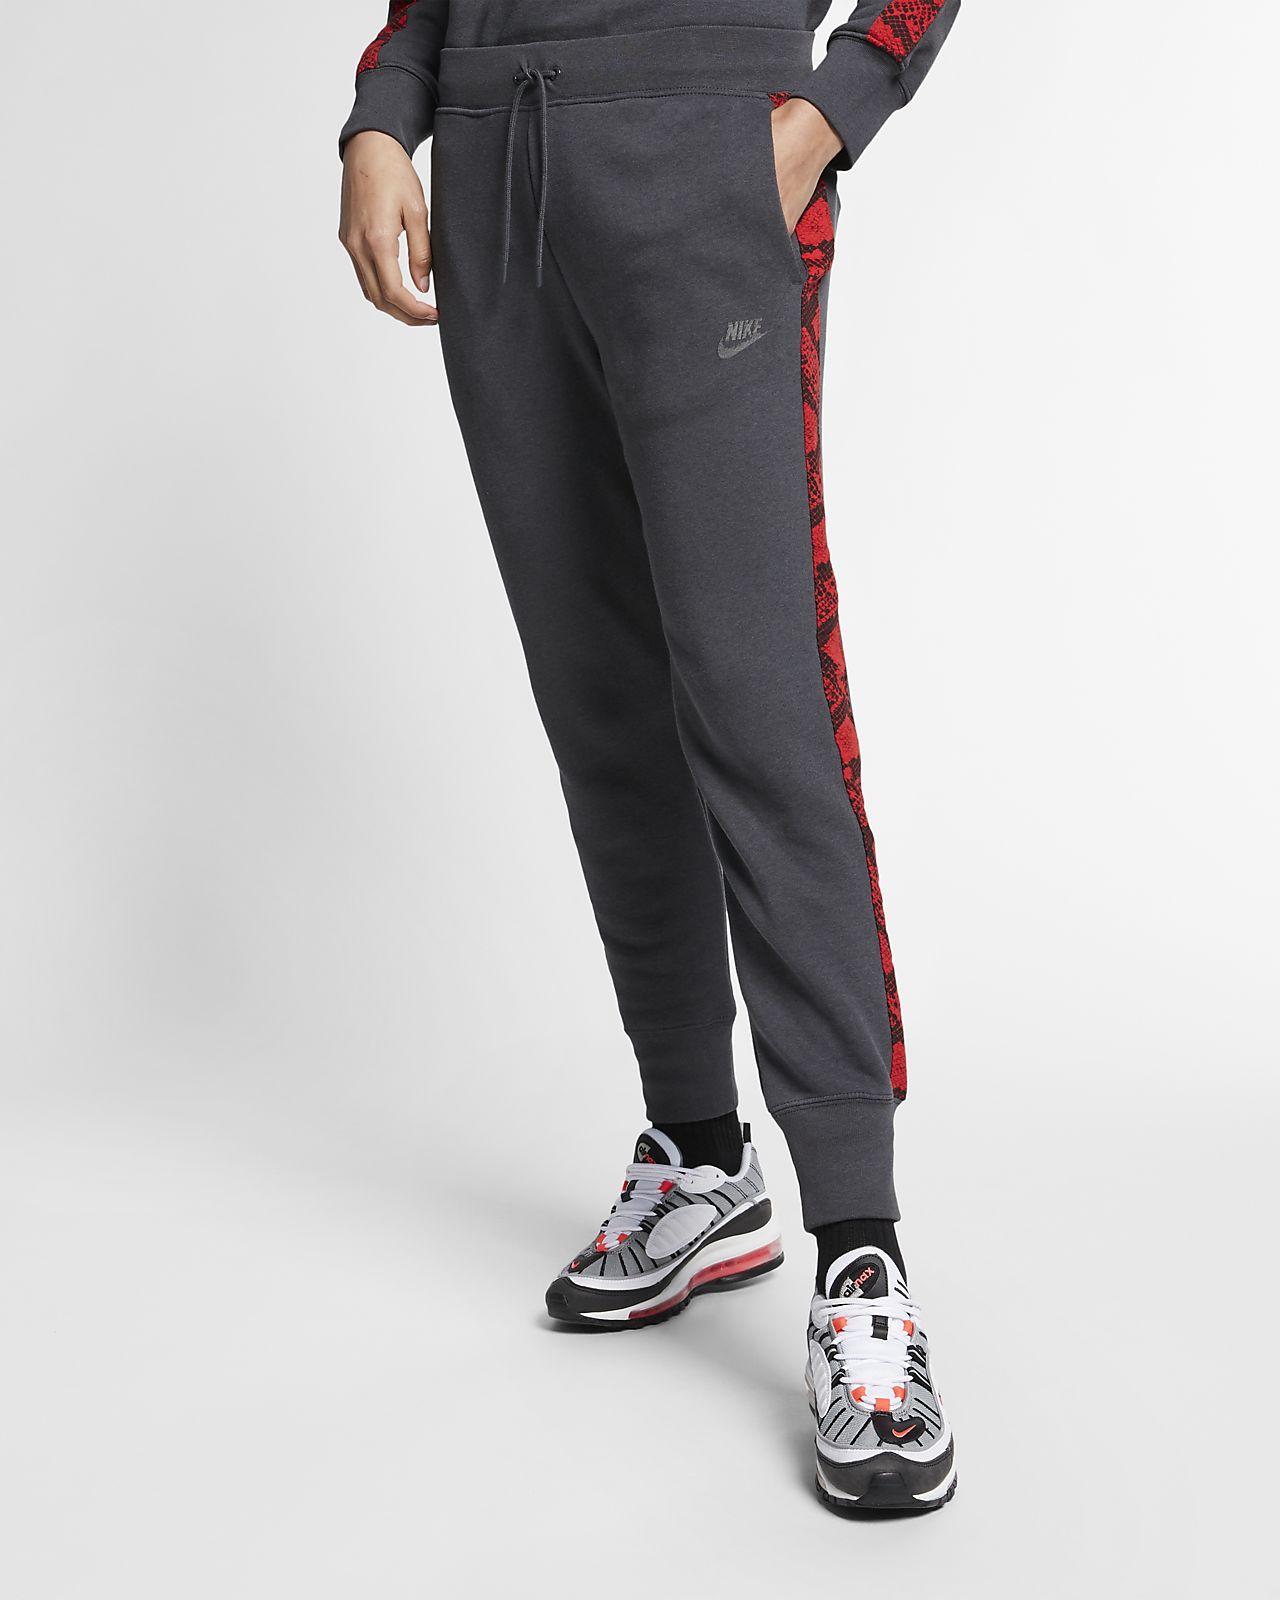 Calças com estampado animal Nike Sportswear para mulher